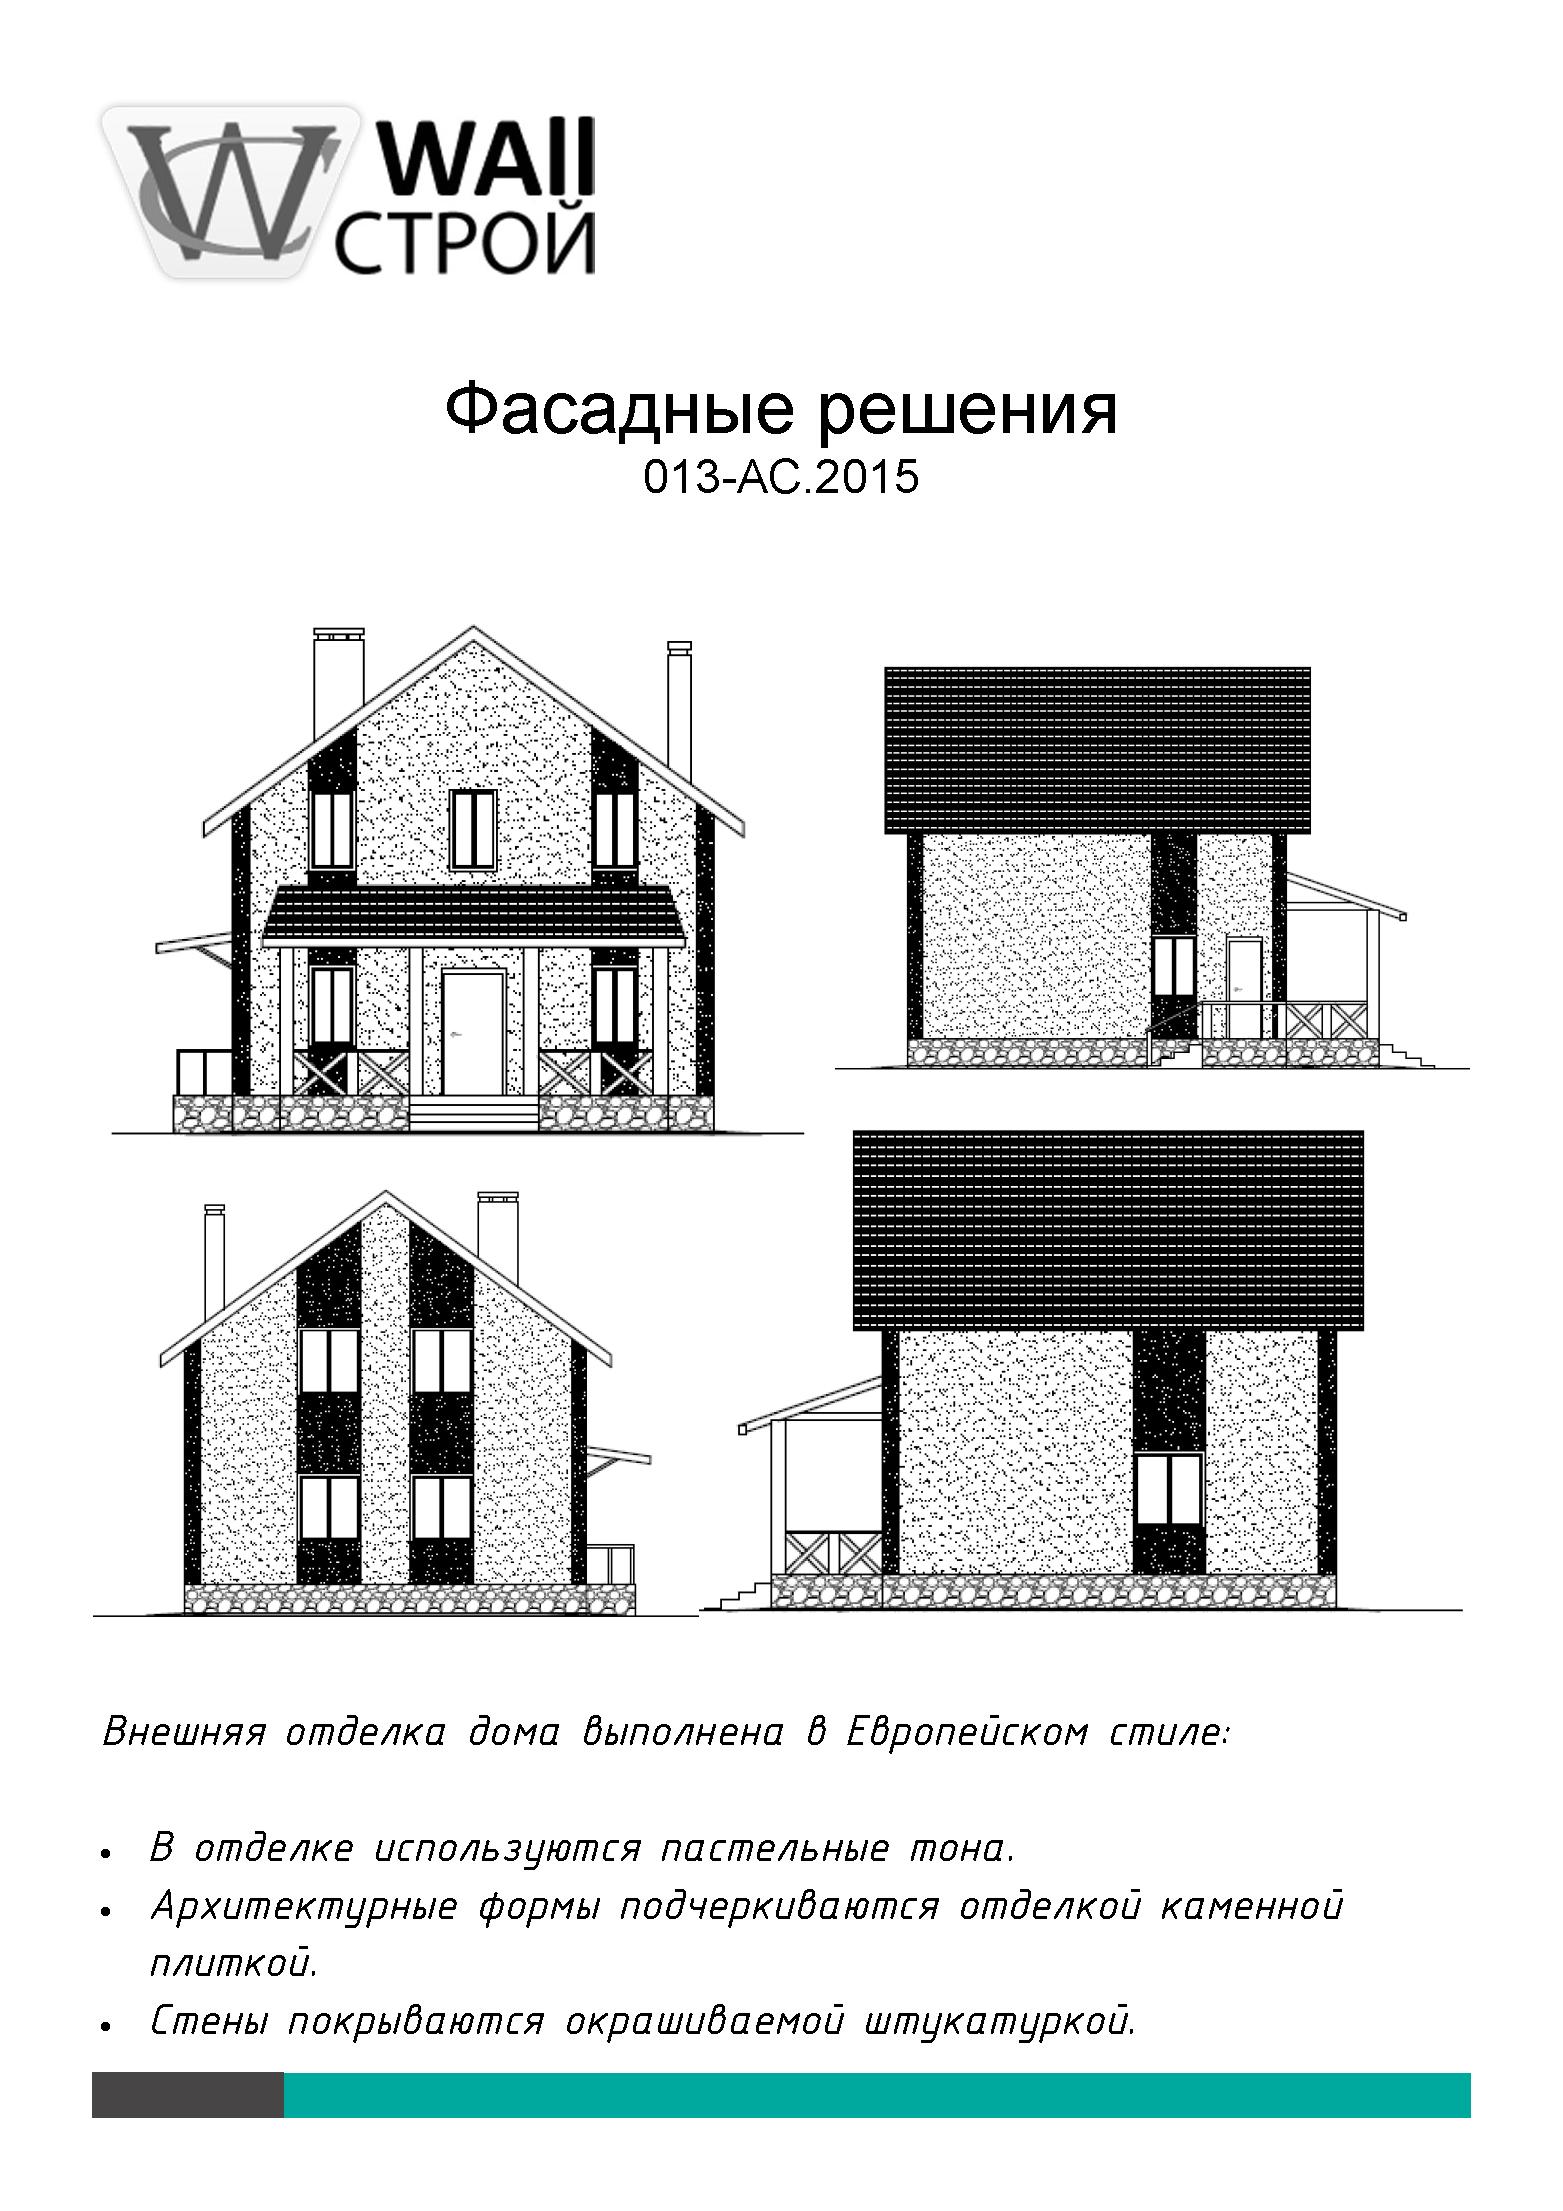 -013-Тунака Хаус- фасад